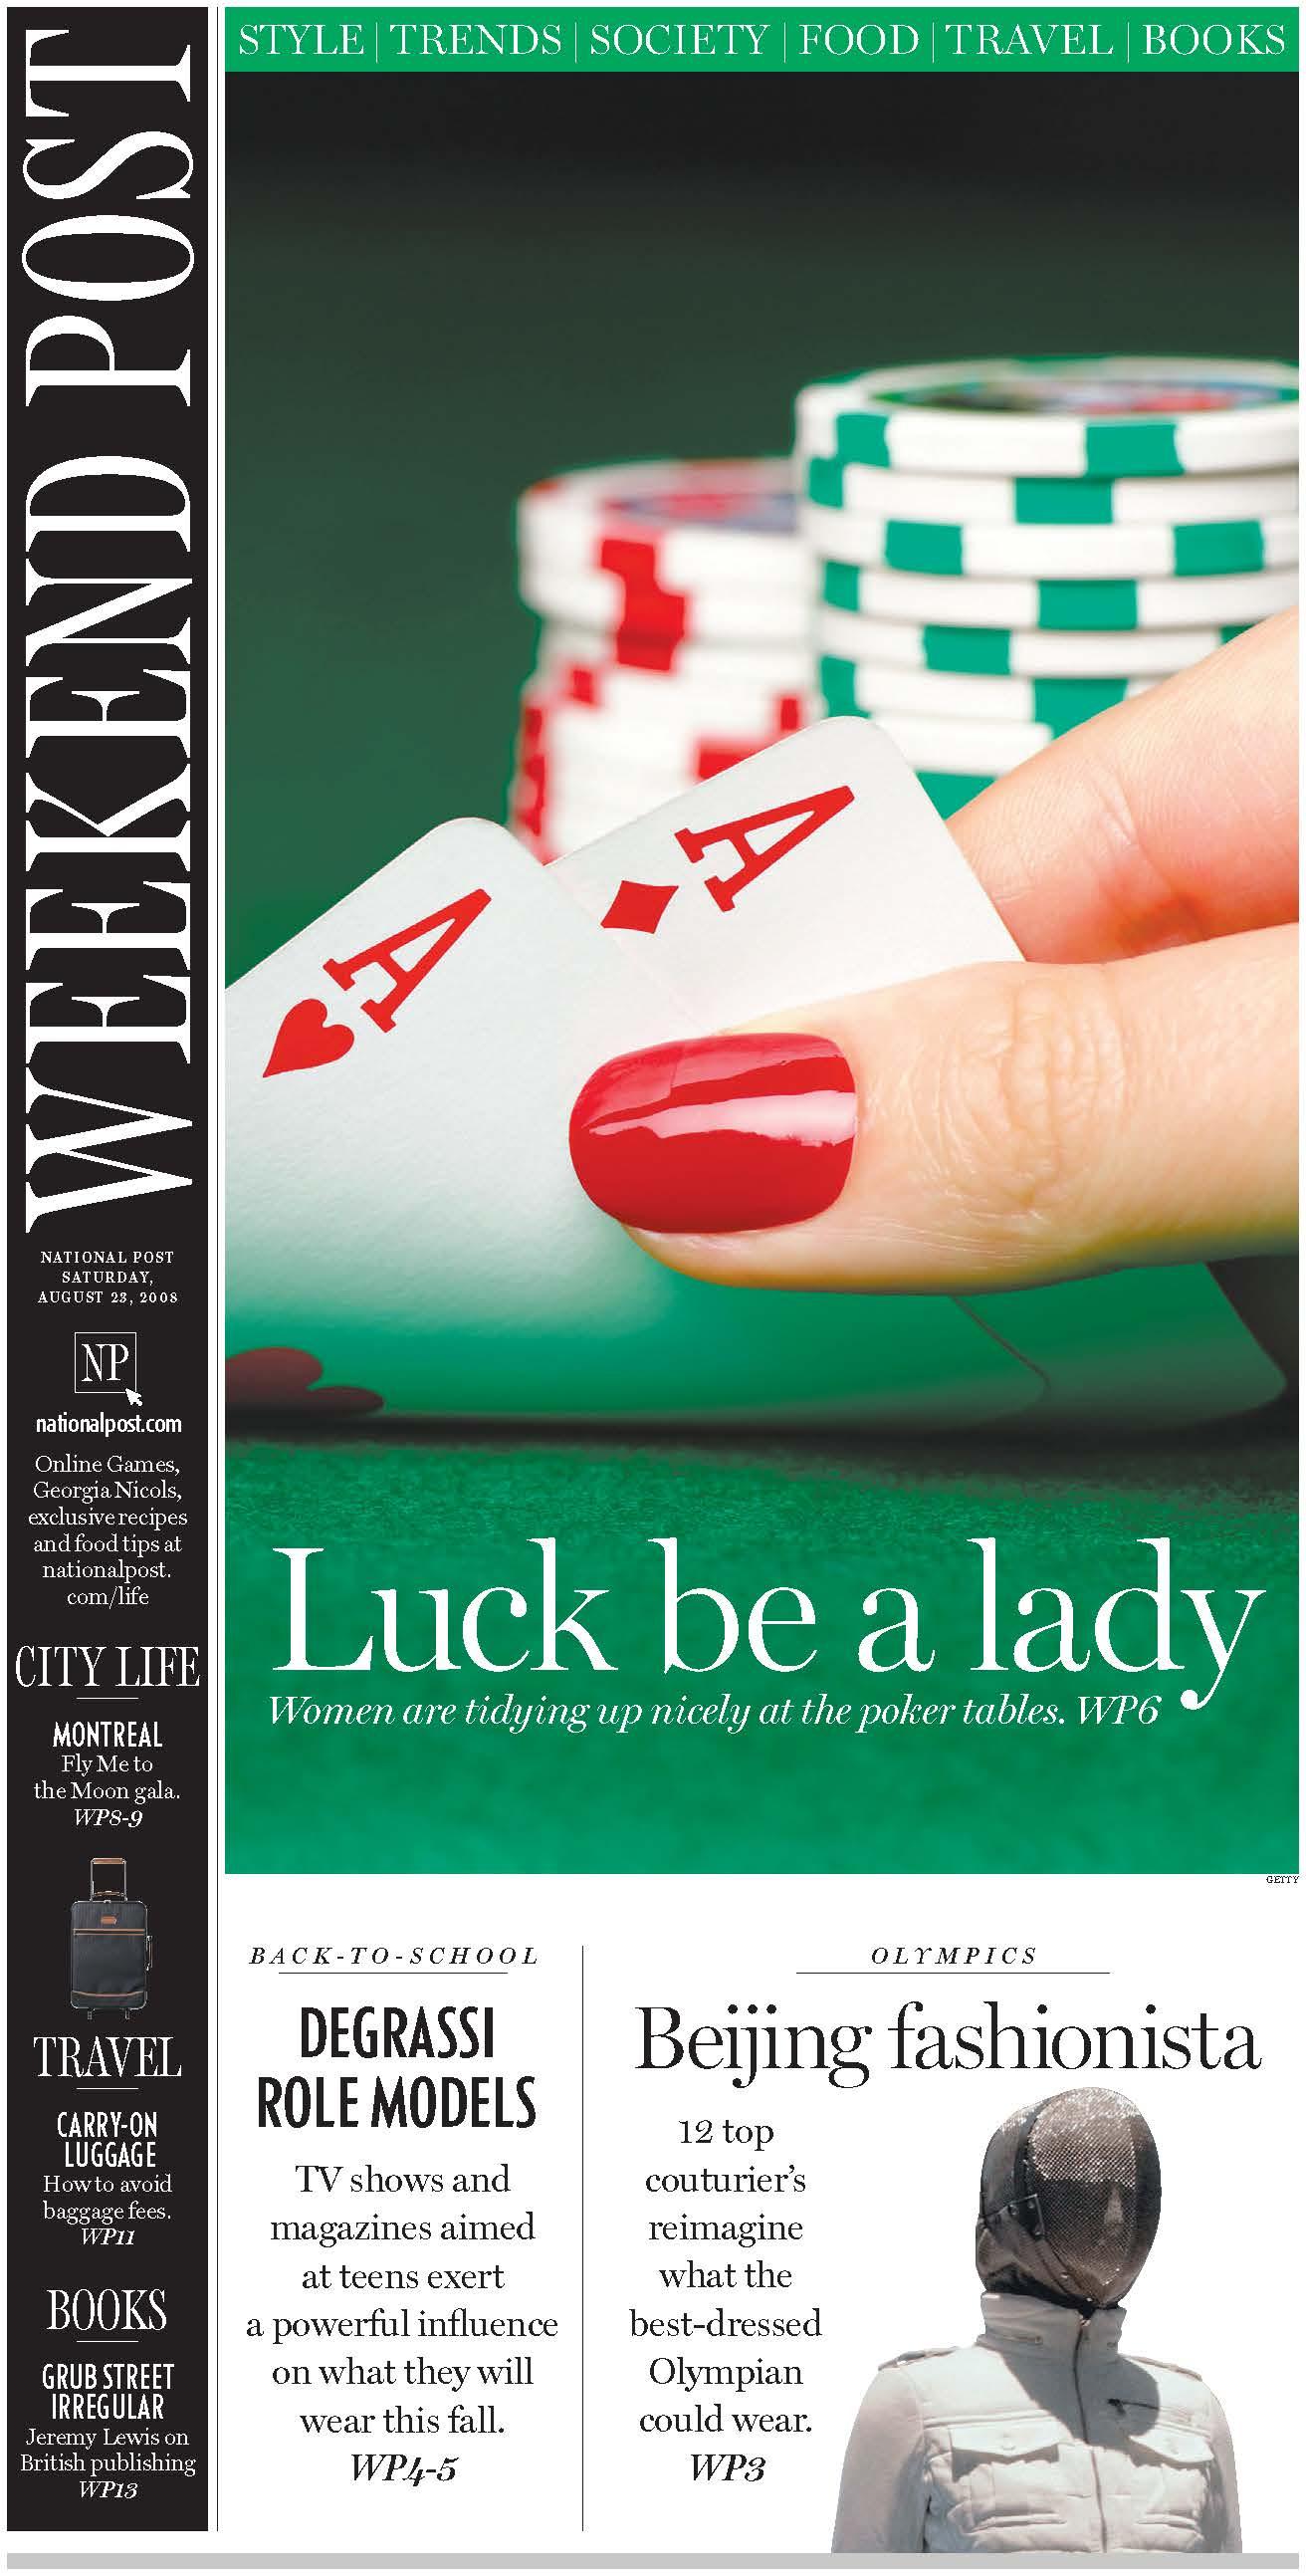 National Post - Aug 2008